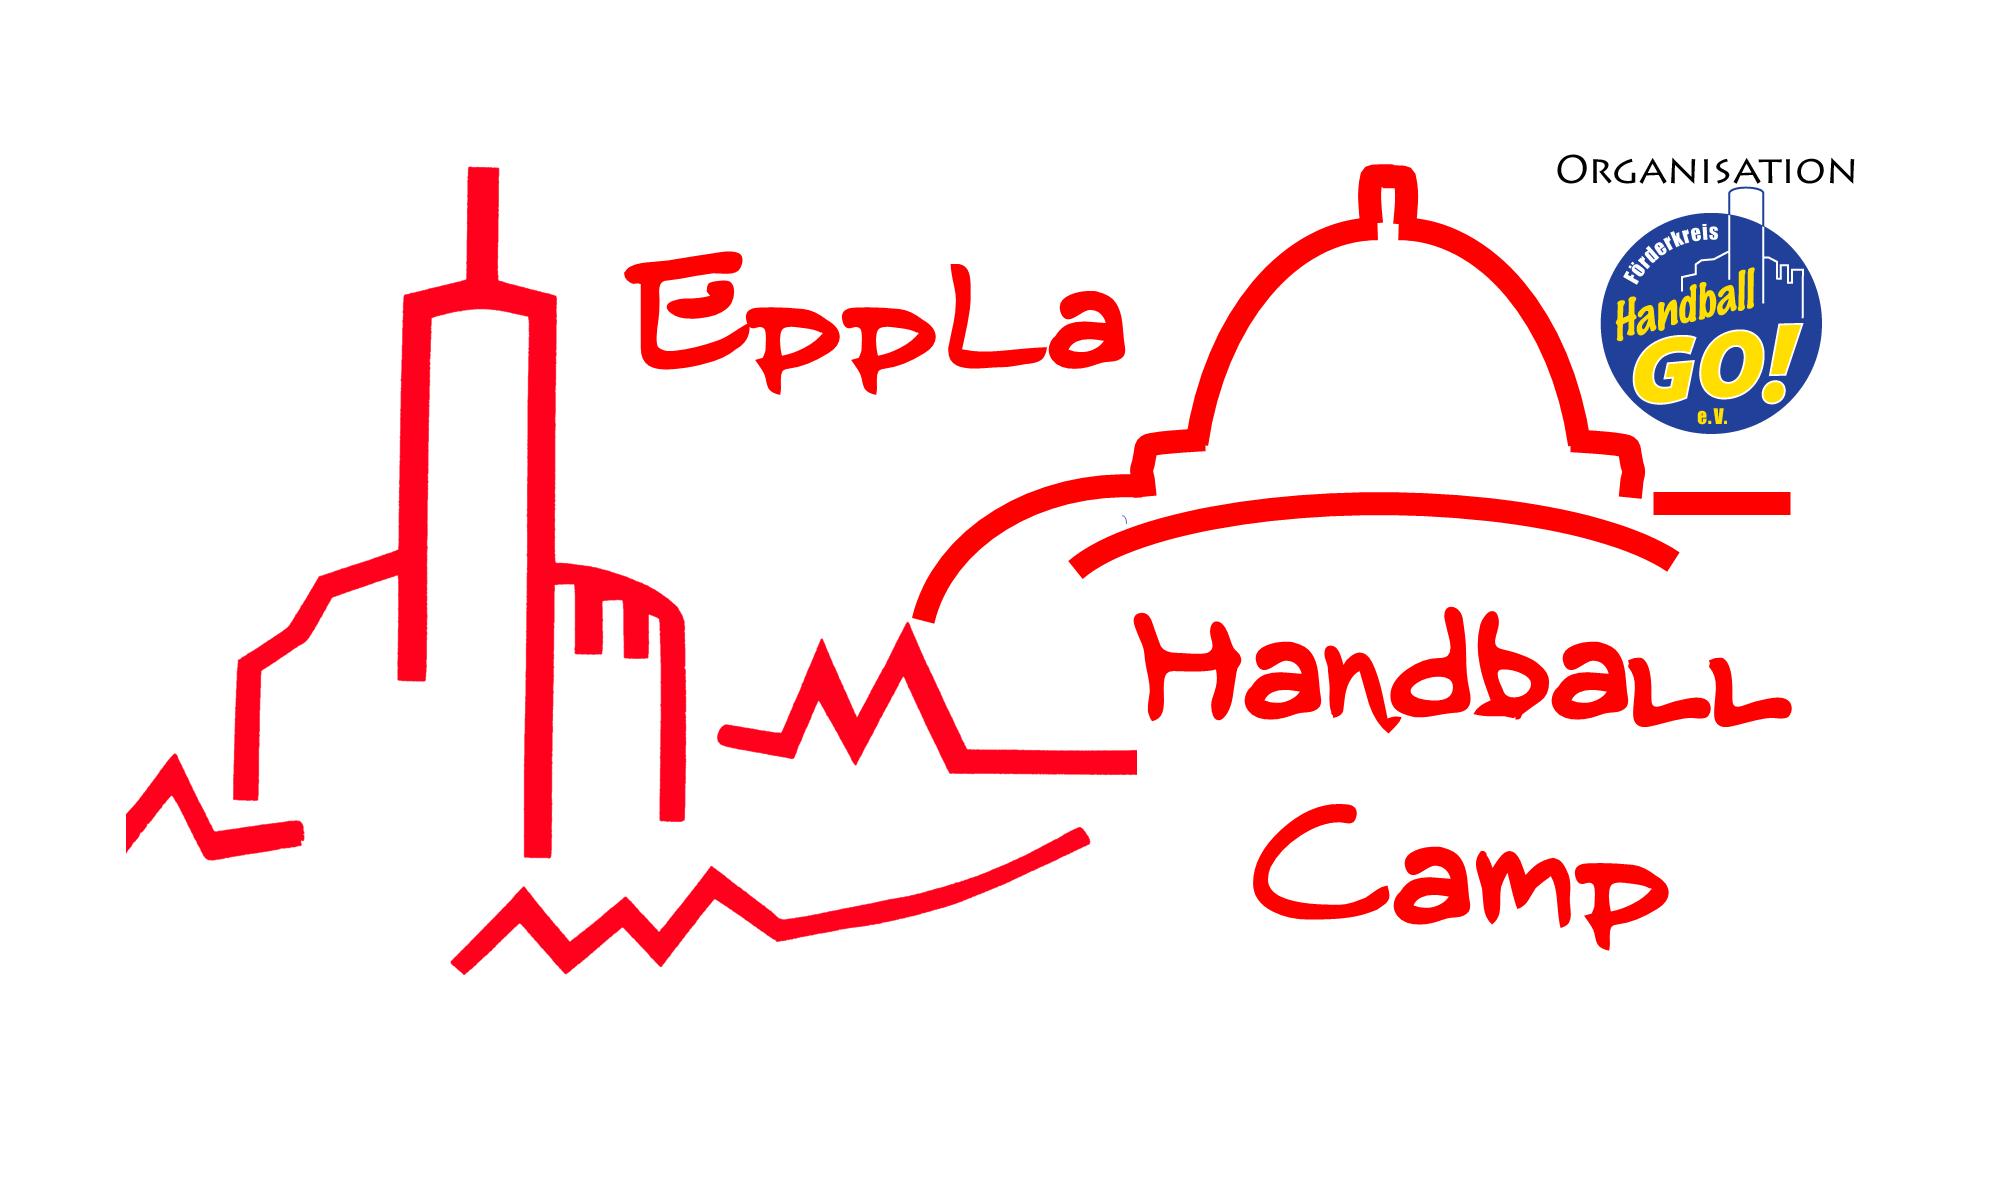 EppLa Handballcamp